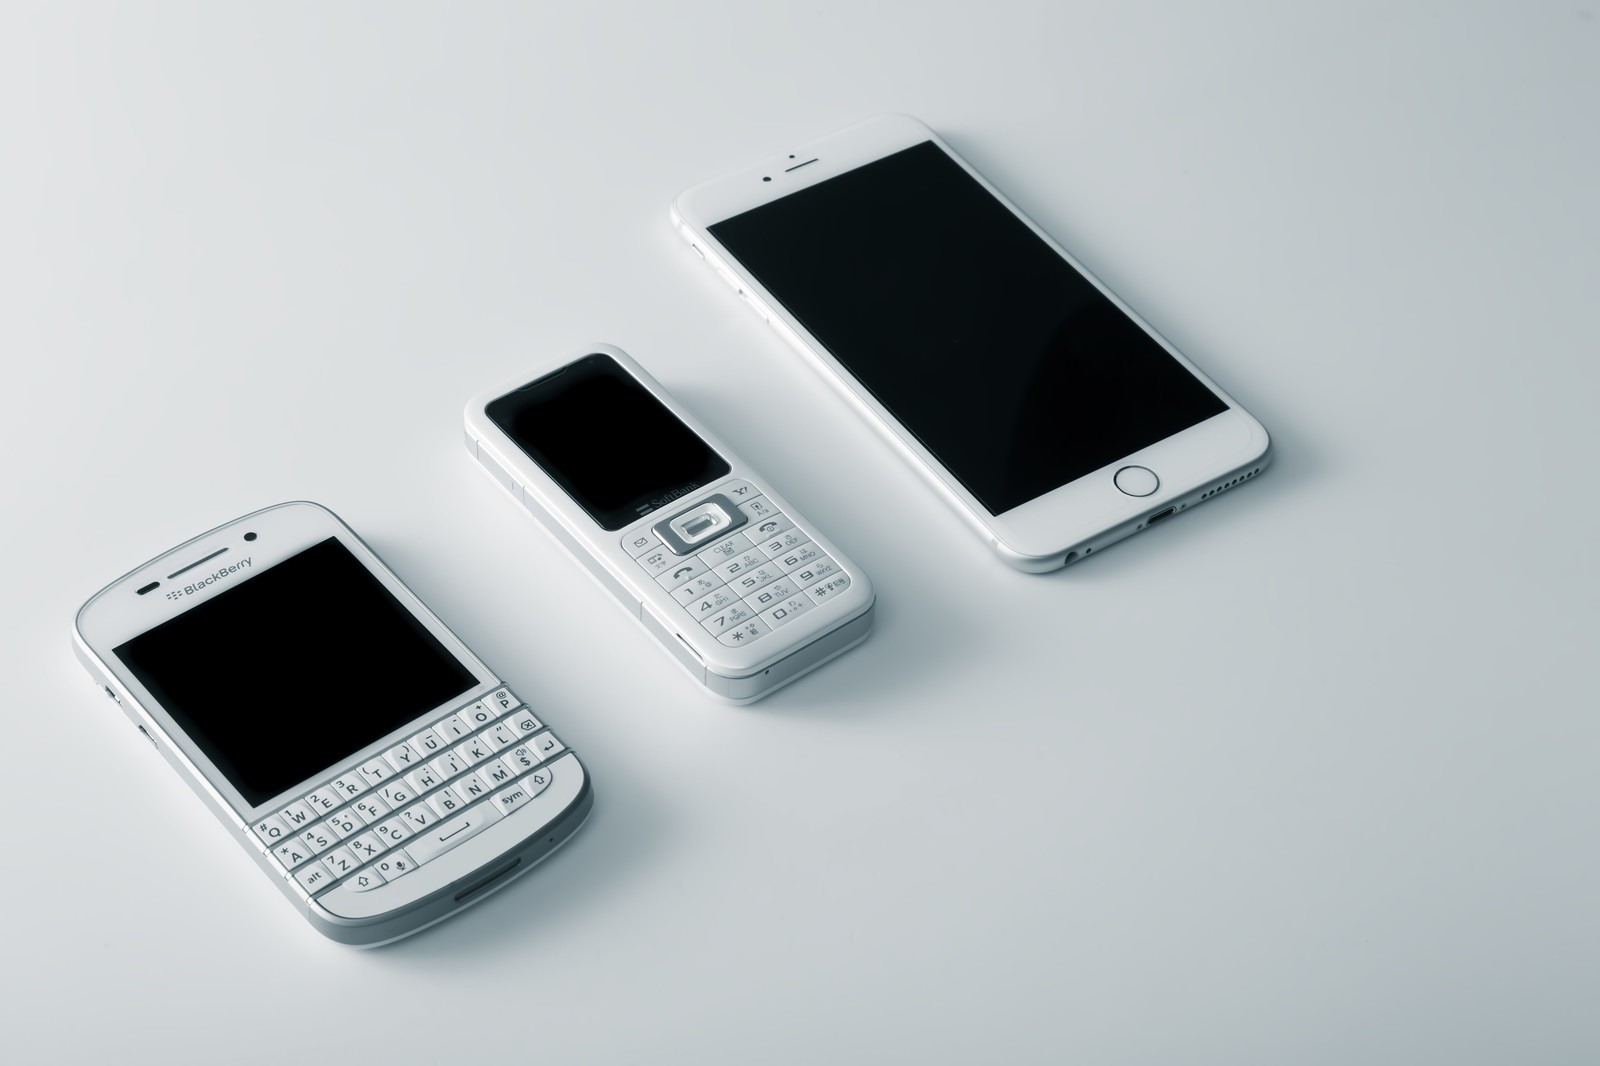 親が格安SIMにしたときの子ども用携帯は?